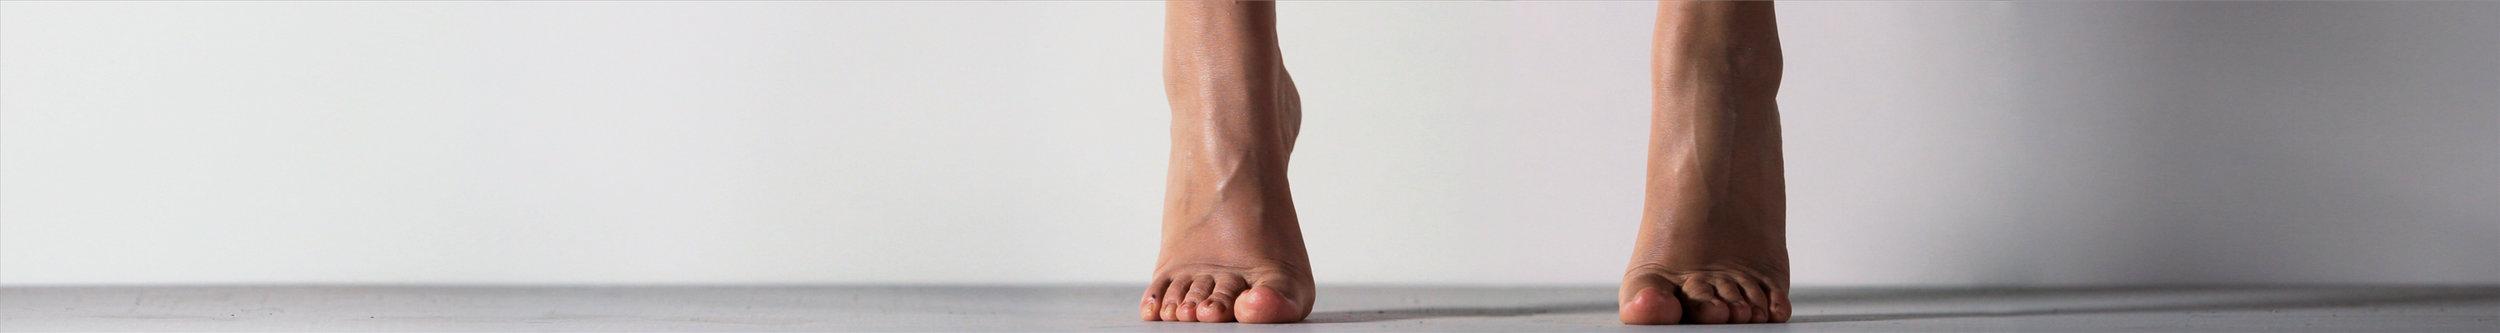 Sanchez, Casilda_Quisiera_feet_04.jpg